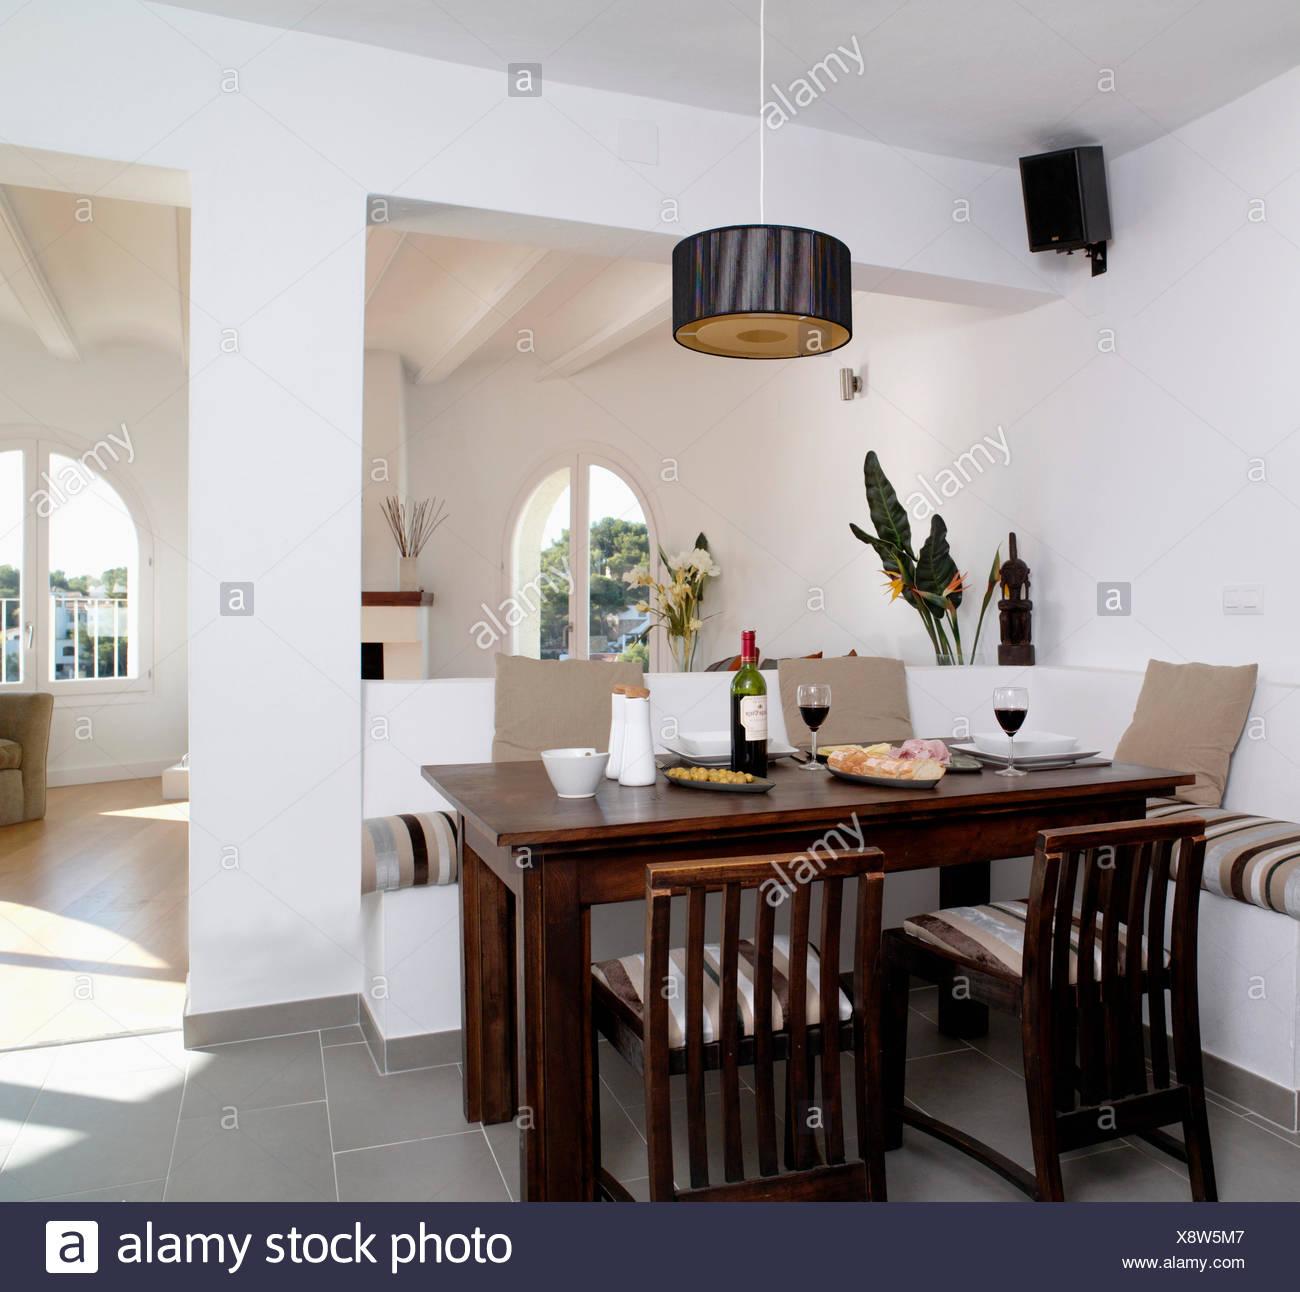 Ziemlich Küsten Wohnküche Bilder Ideen - Küchenschrank Ideen ...